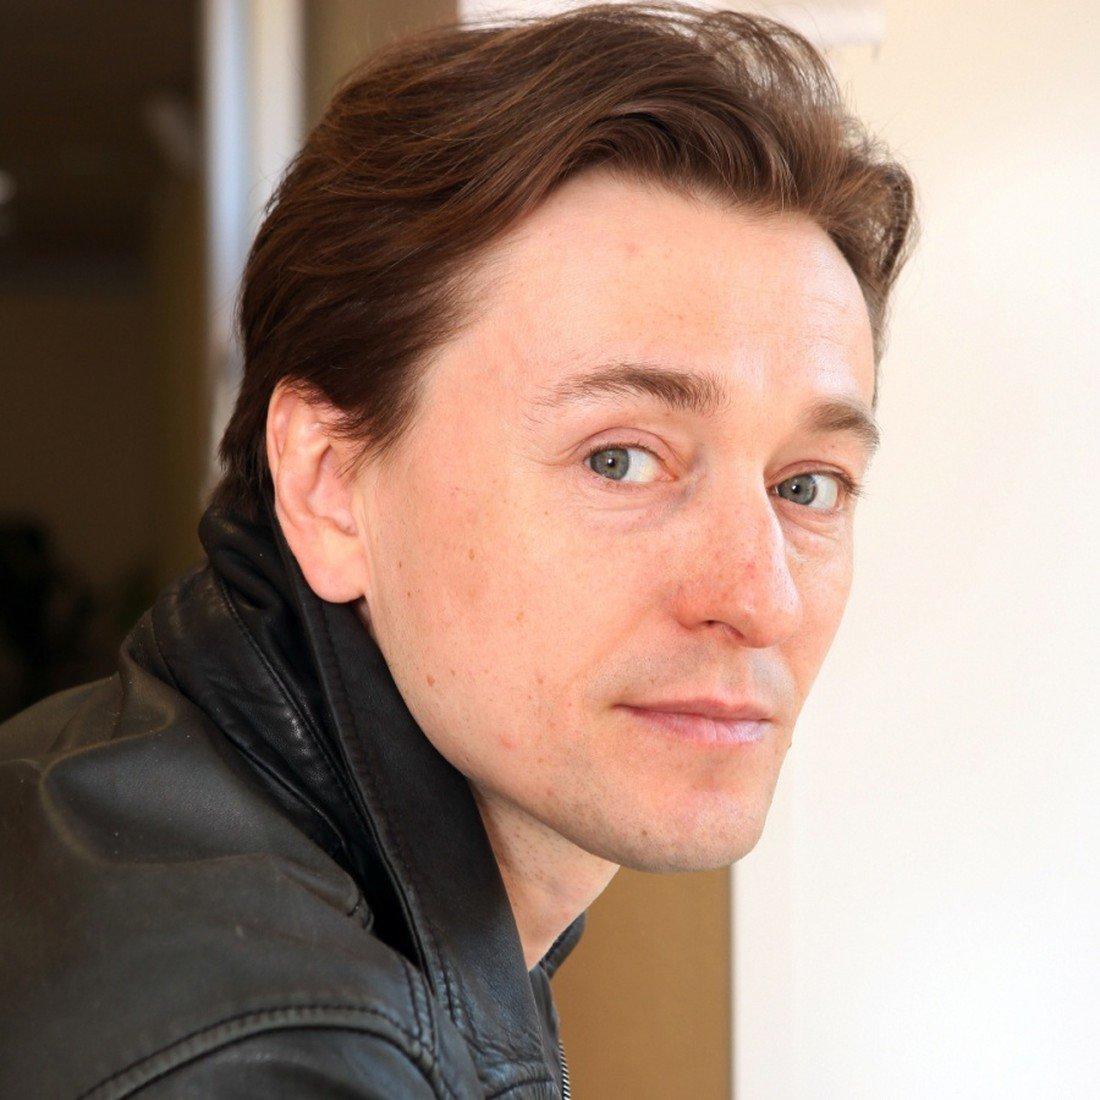 вам фотографии актера сделать в москве переводоведение